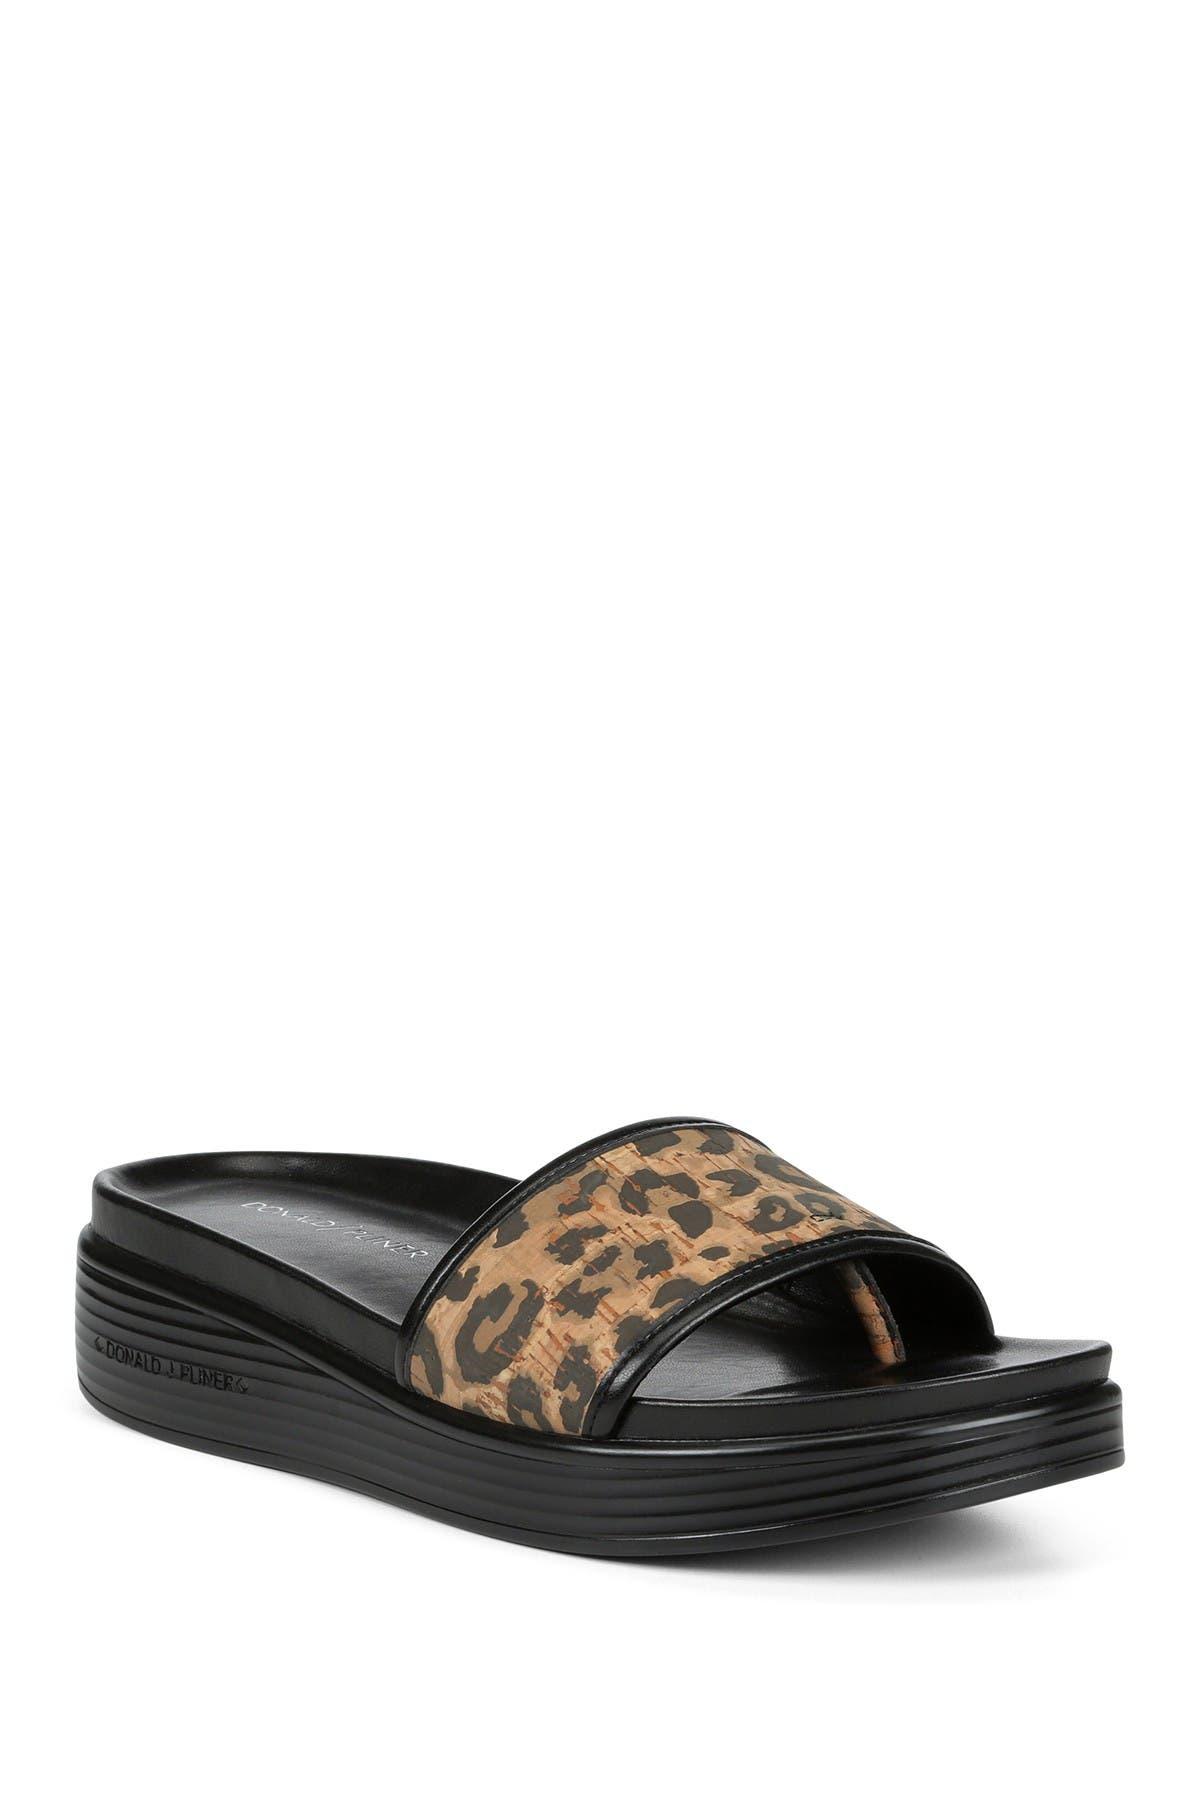 Image of Donald Pliner Fiji Leather Leopard Print Slide Sandal